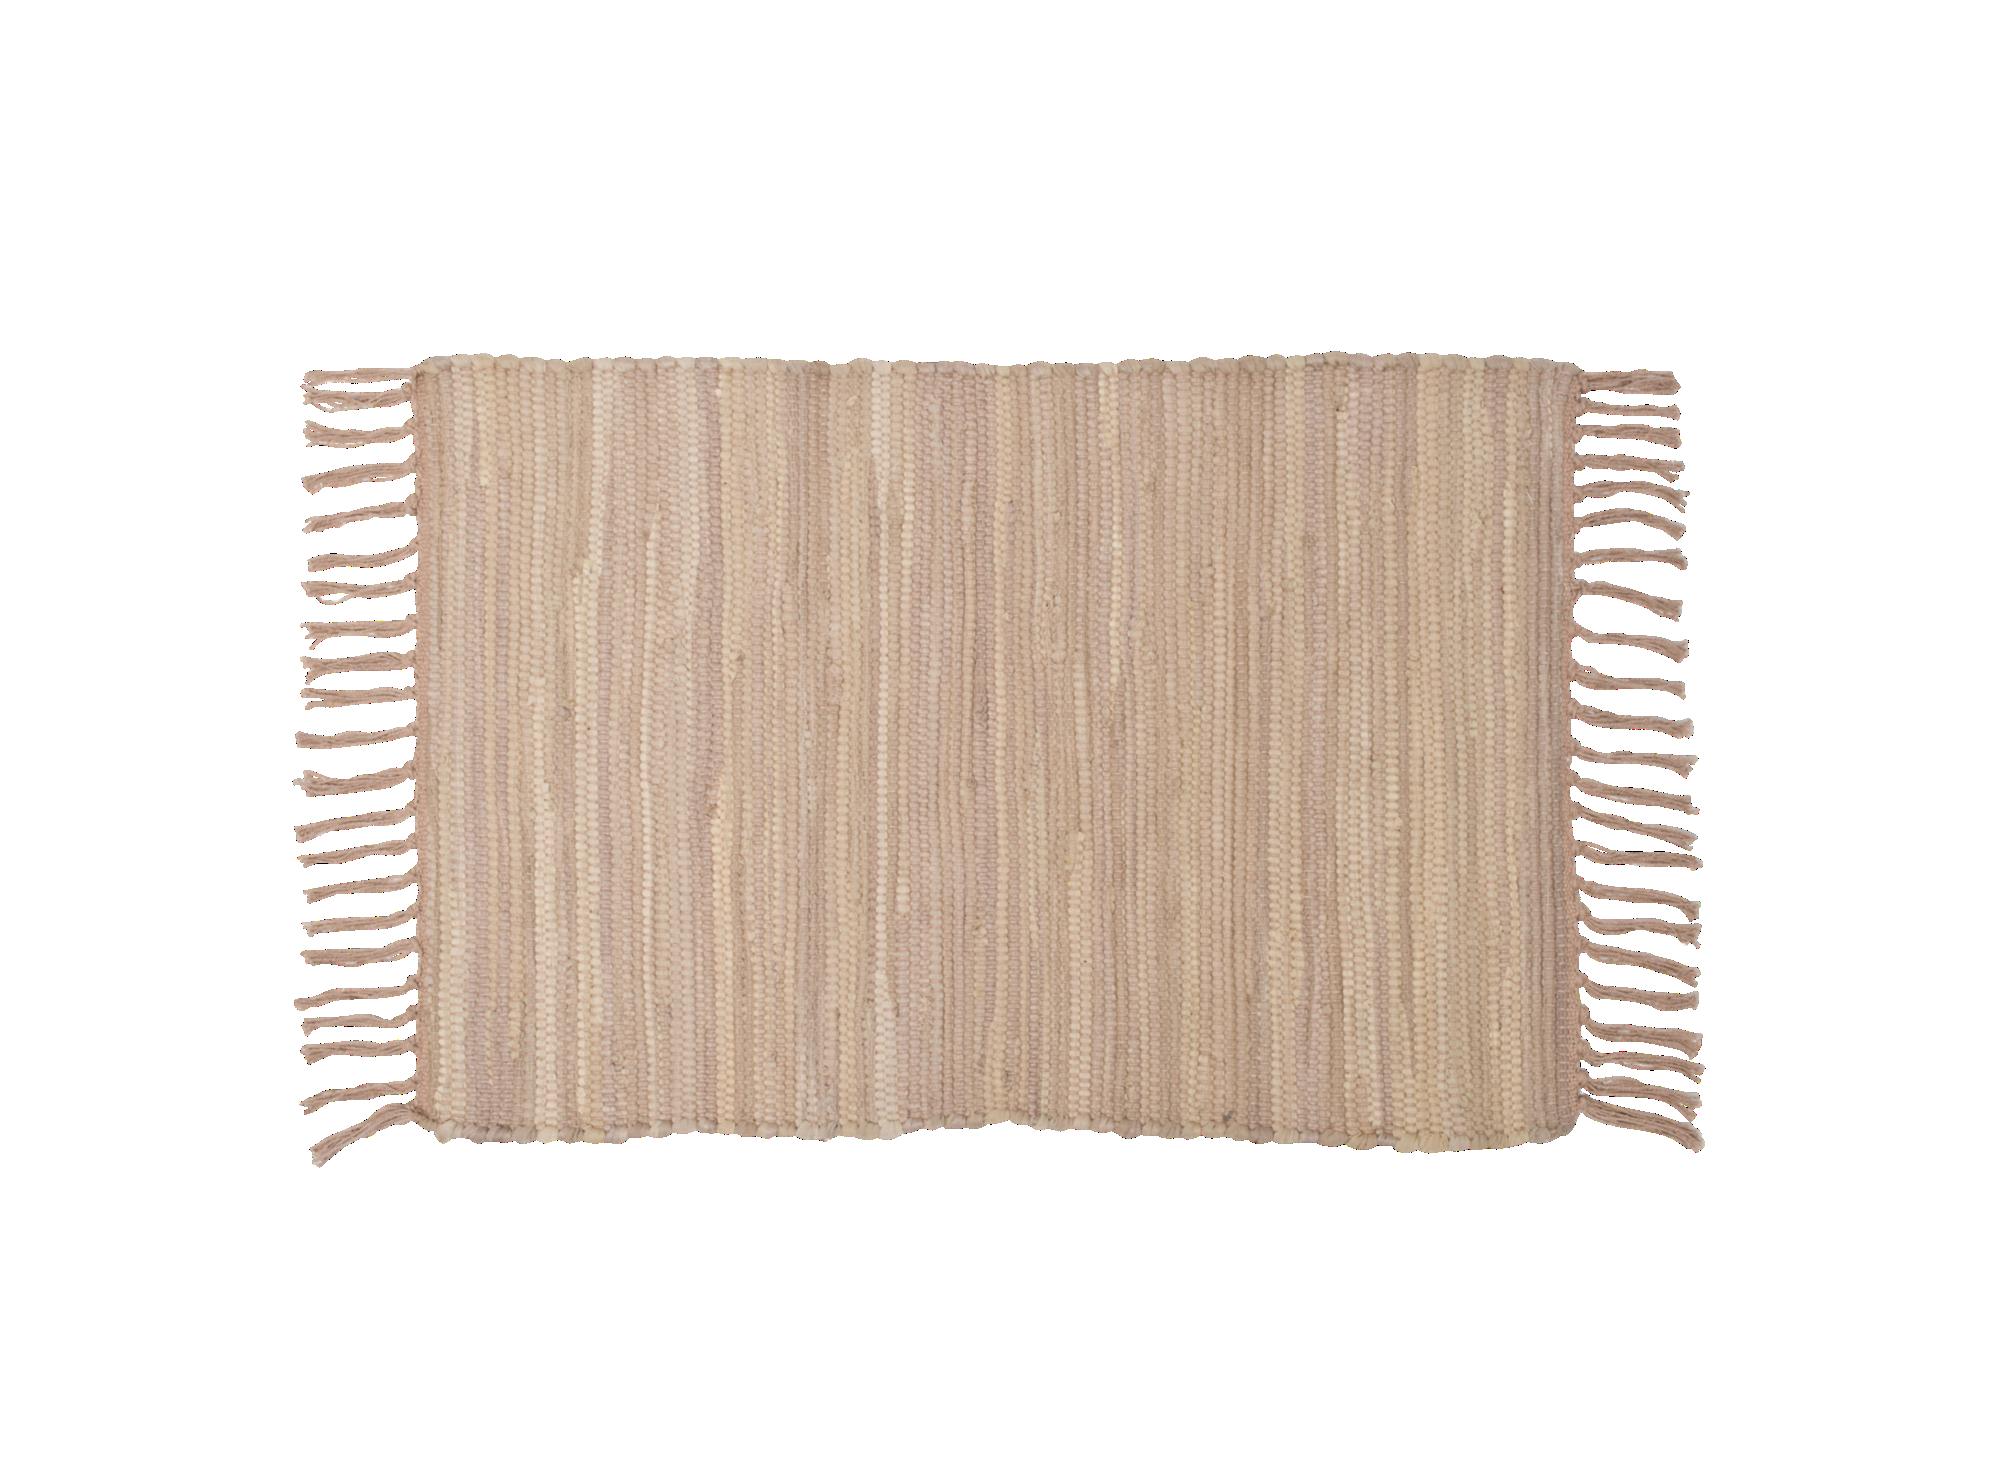 Tapis 50x70 90% coton 10% autres fibres coloris taupe densite 1600gr/ ...